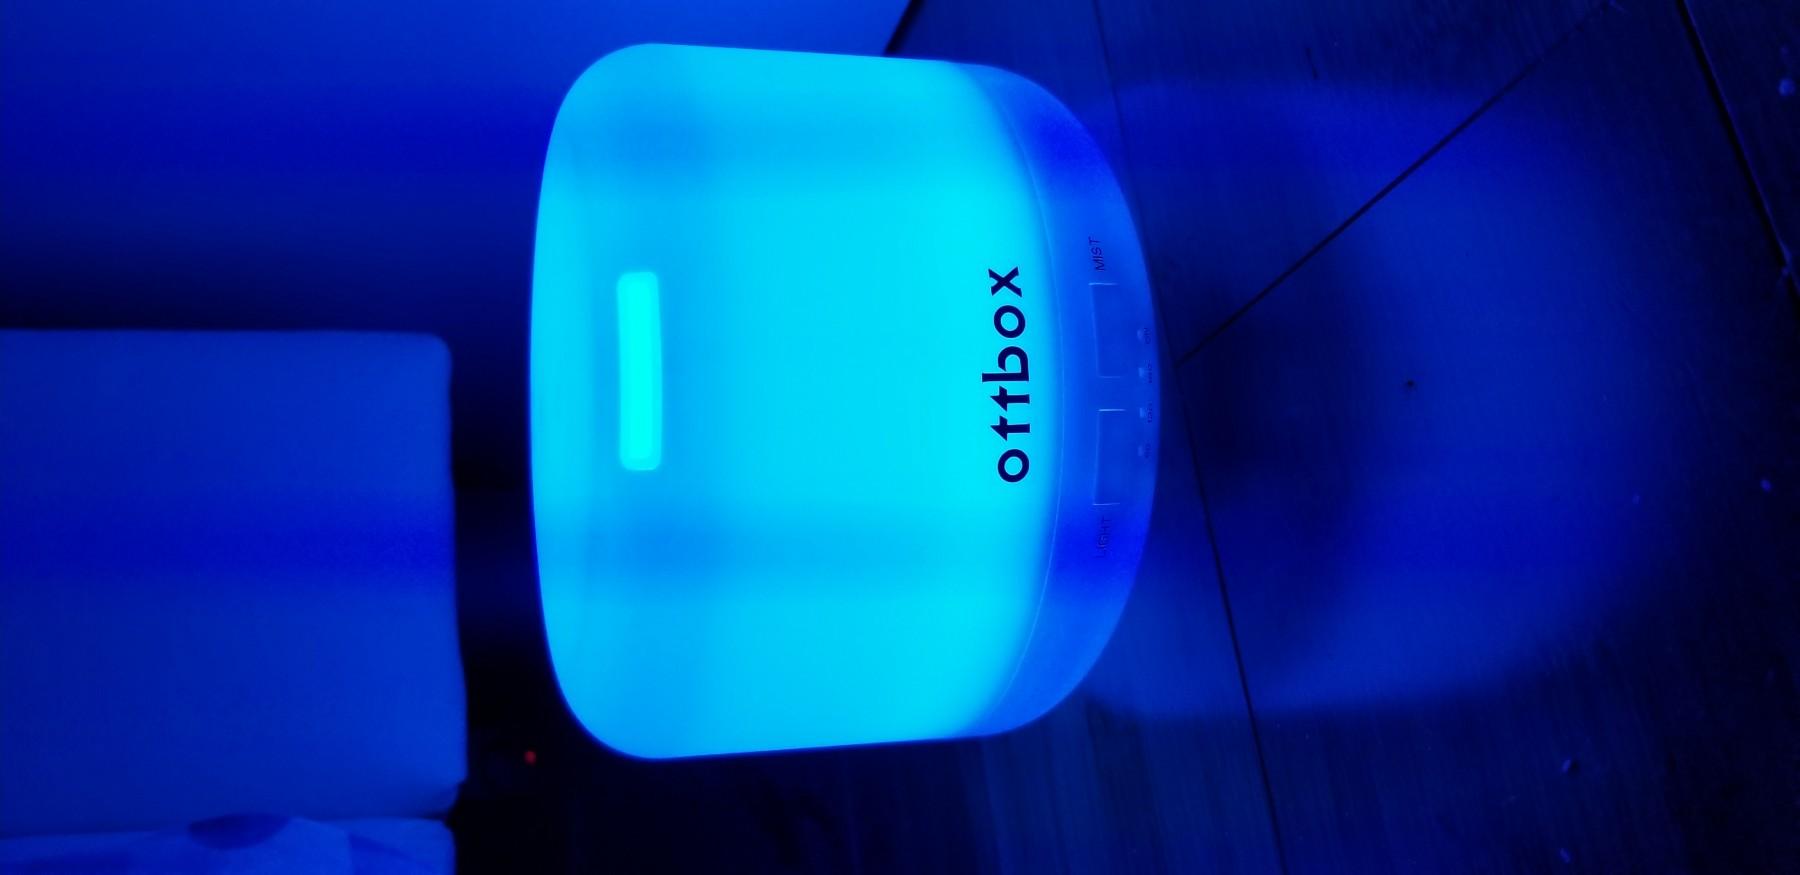 Ottbox oil diffuser